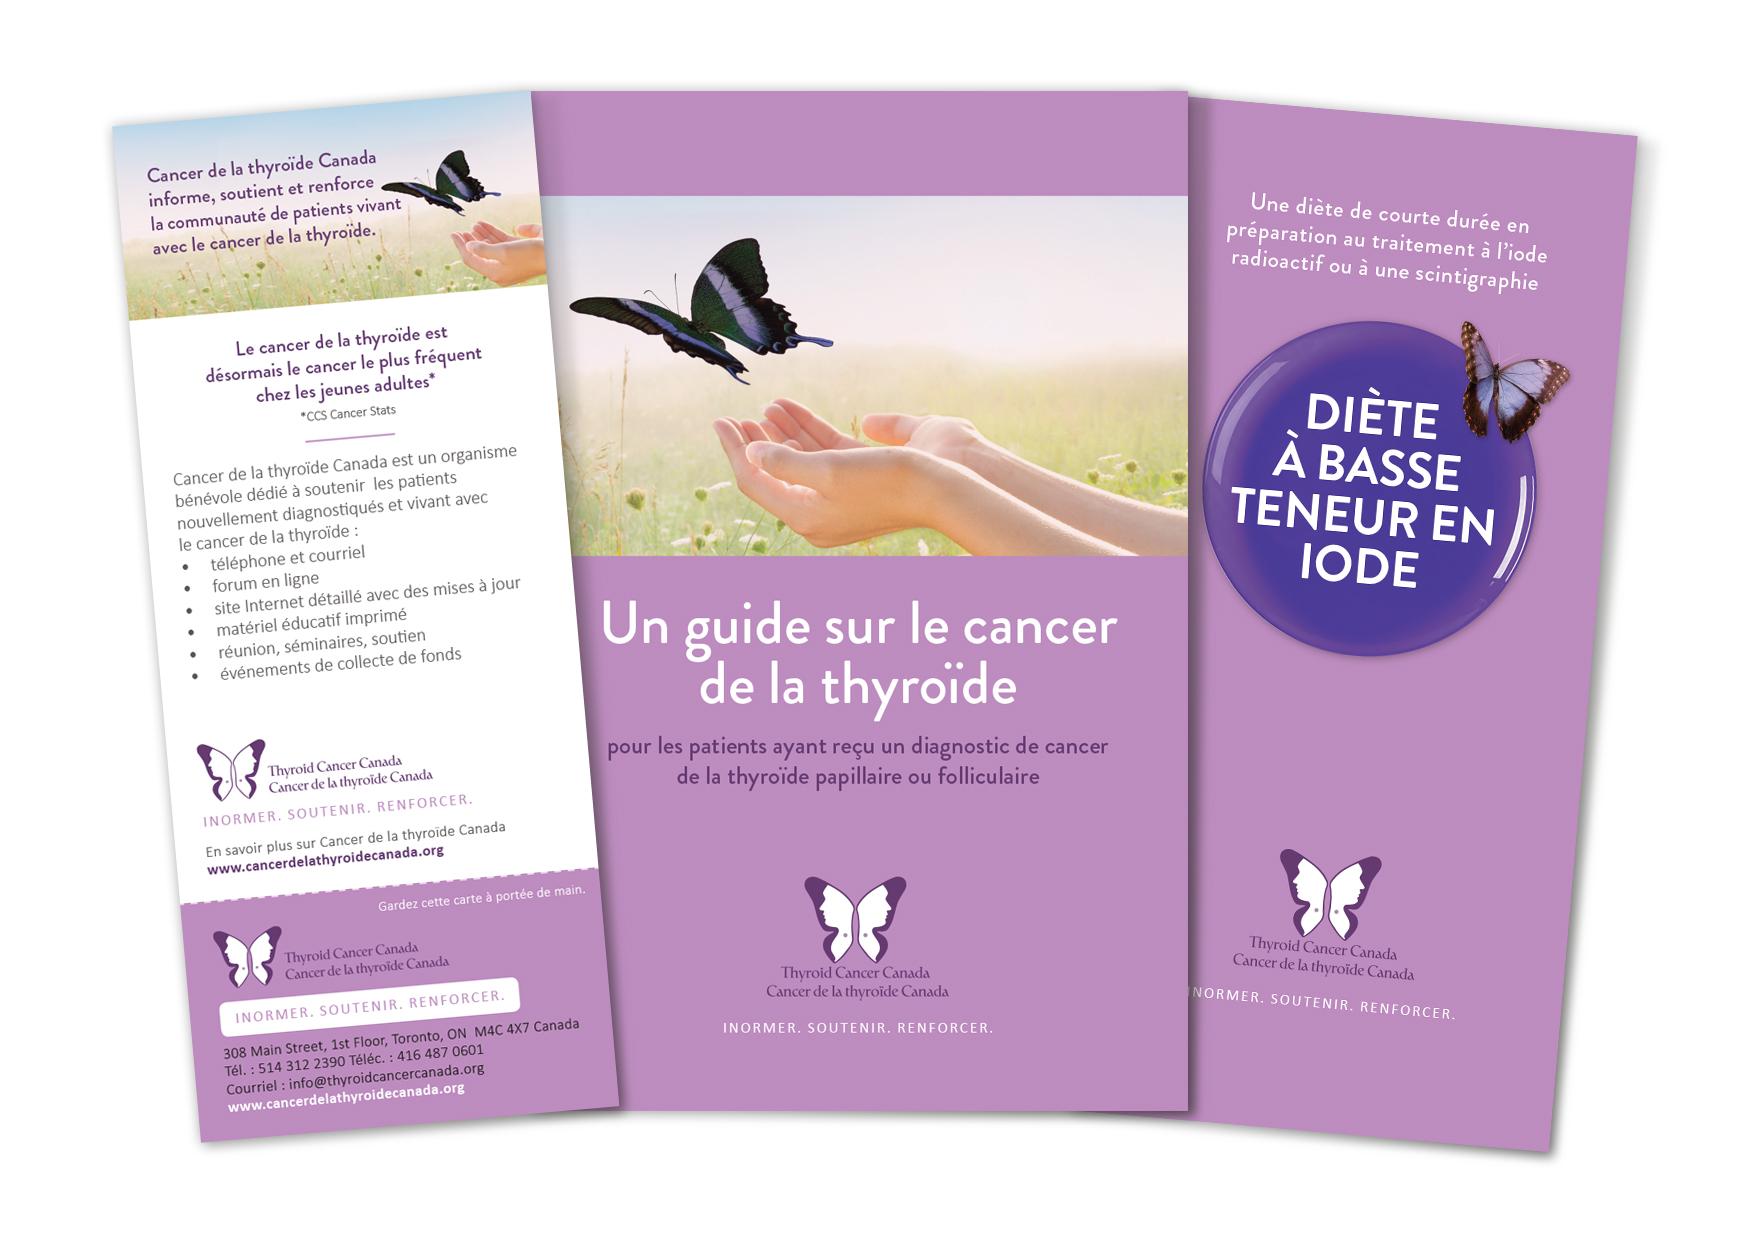 De gauche à droite : Fiche d'information, Guide du patient pour le cancer de la thyroïde et livret Diète à basse teneur en iode.